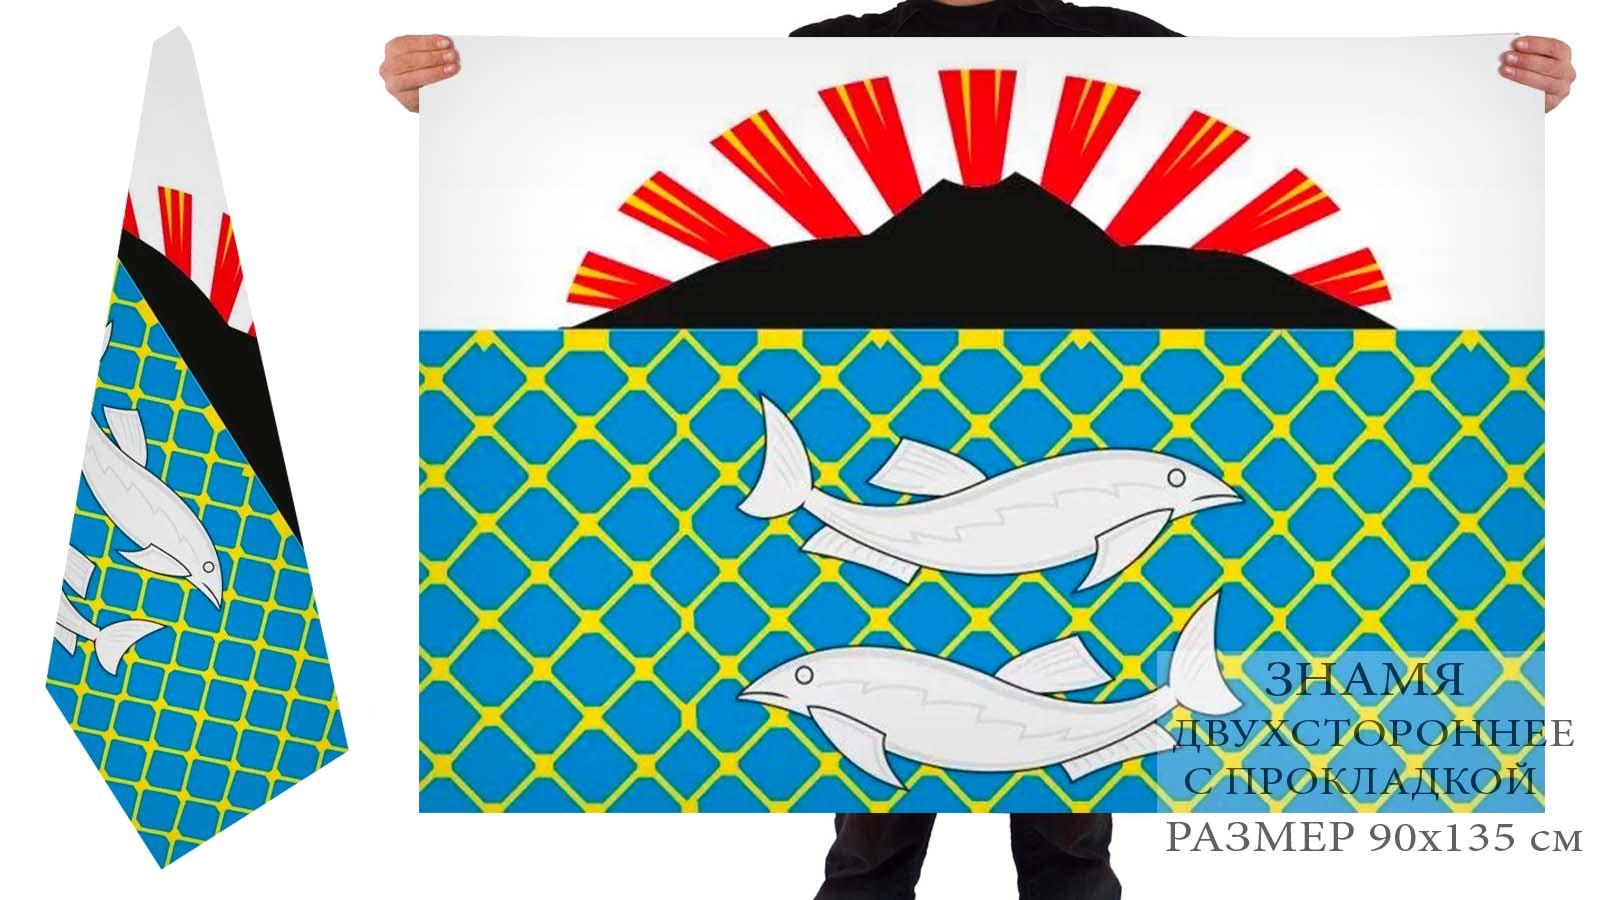 Двусторонний флаг муниципального образования Южно-Курильский городской округ